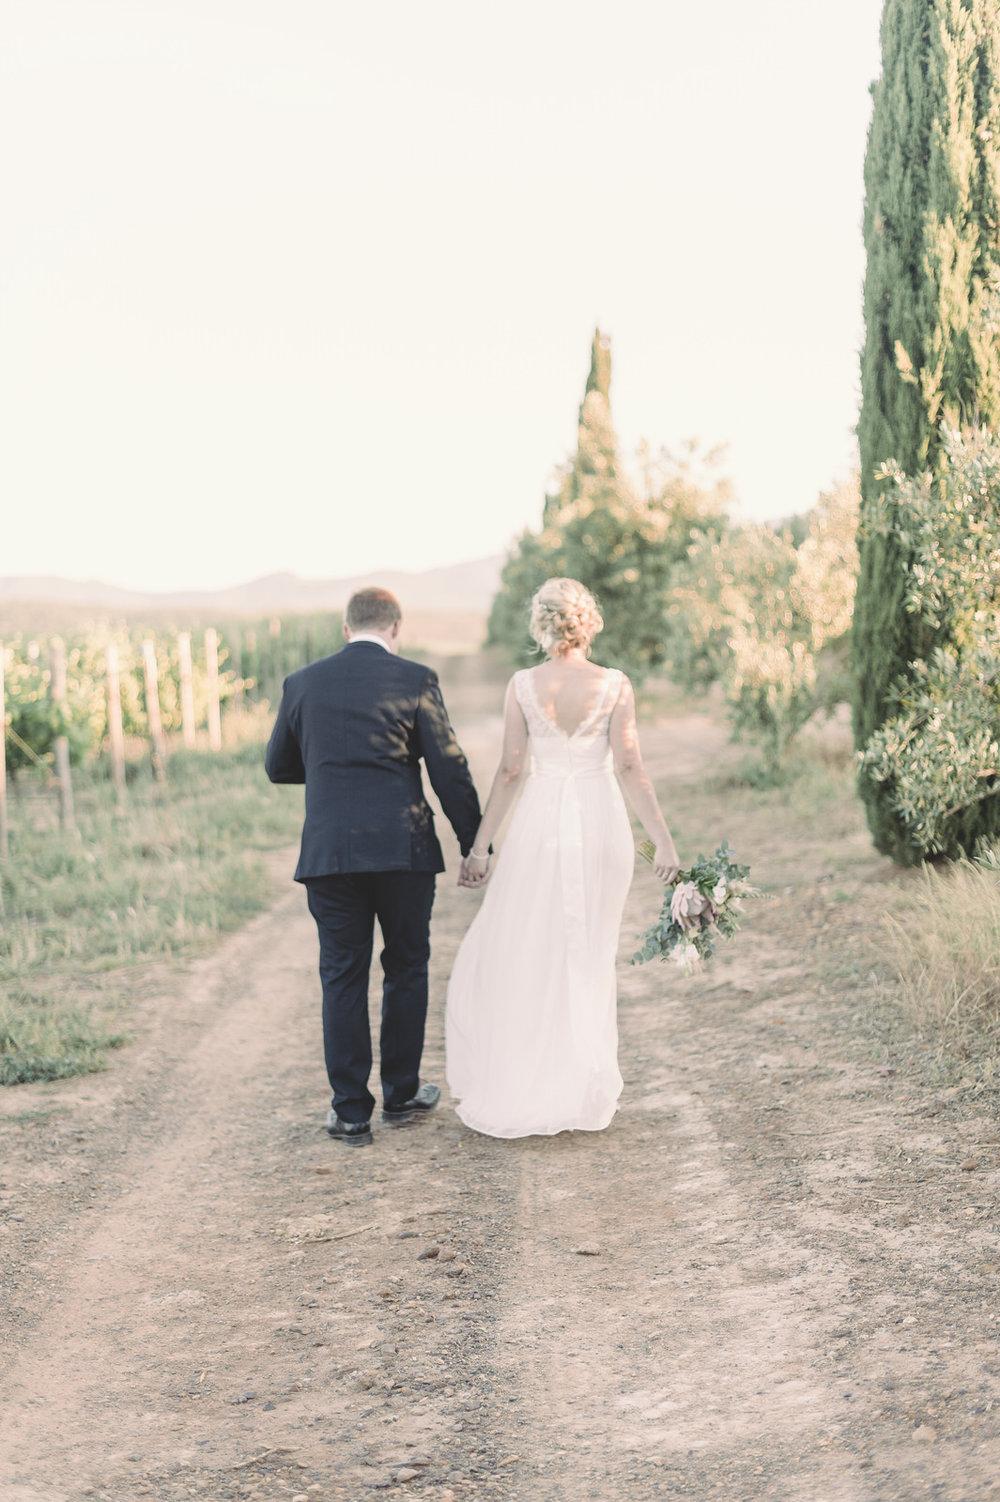 RyanParker_Wedding_CapeTown_Hermanus_E+P_DSC_7084.jpg